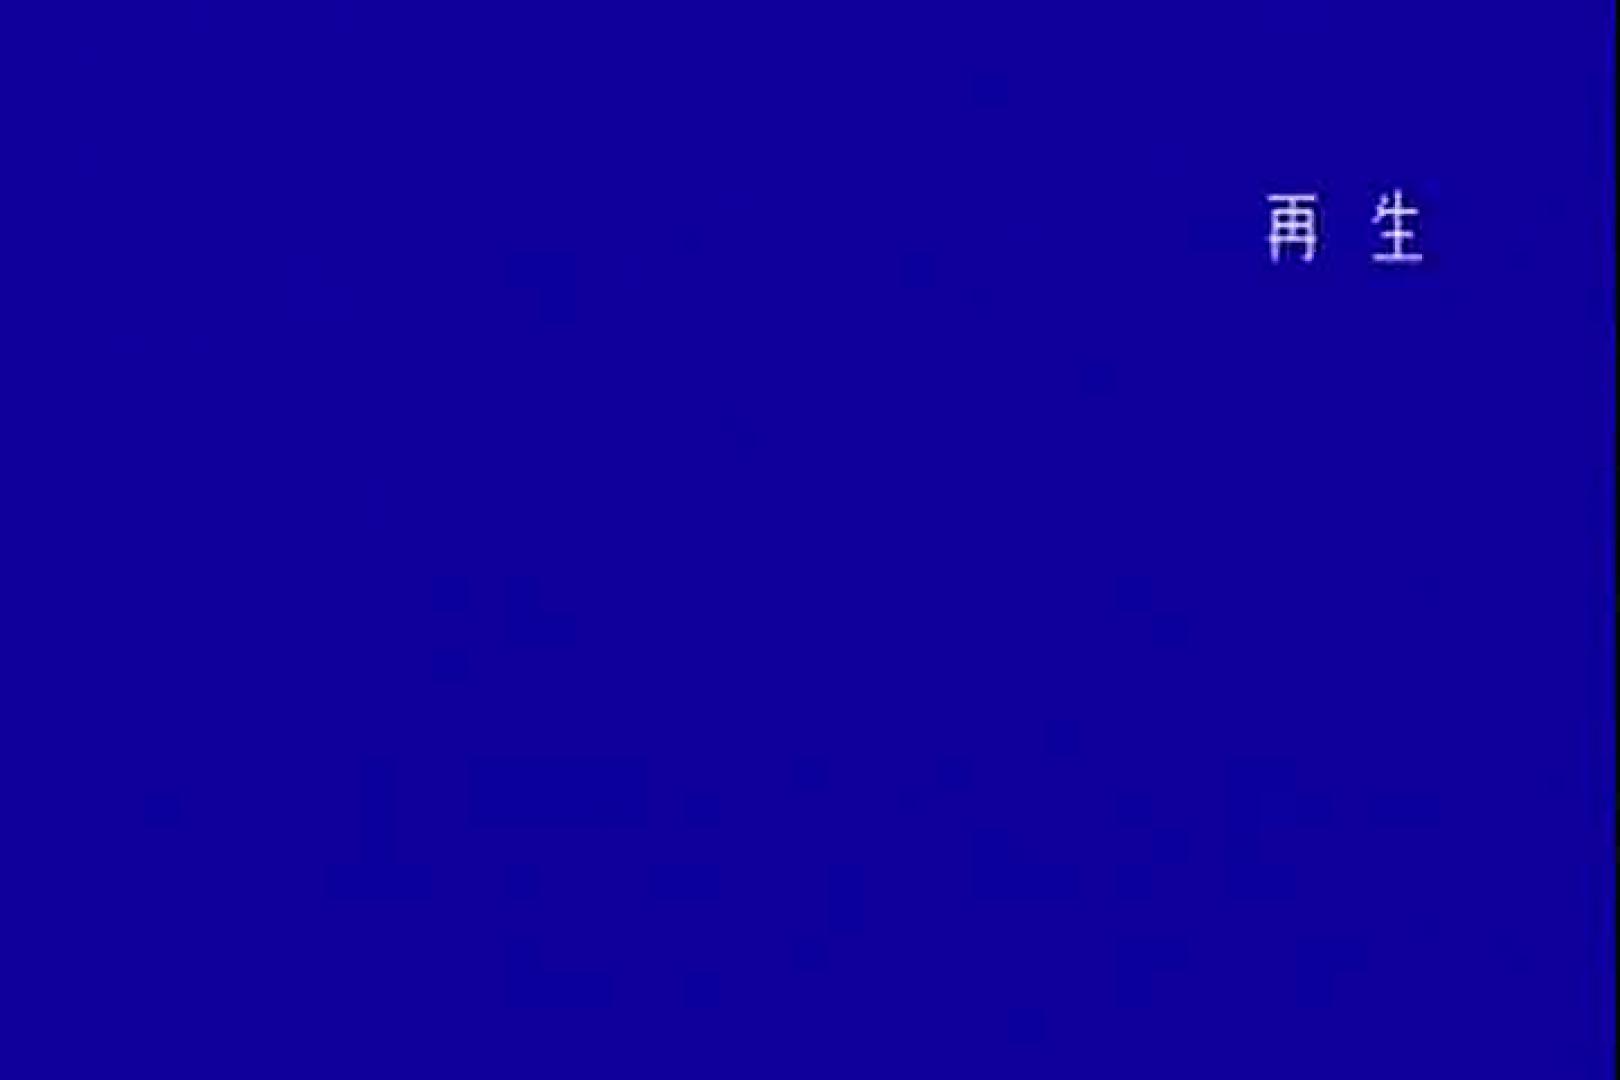 「ちくりん」さんのオリジナル未編集パンチラVol.4_02 ギャルのエロ動画   パンチラのぞき  107画像 36